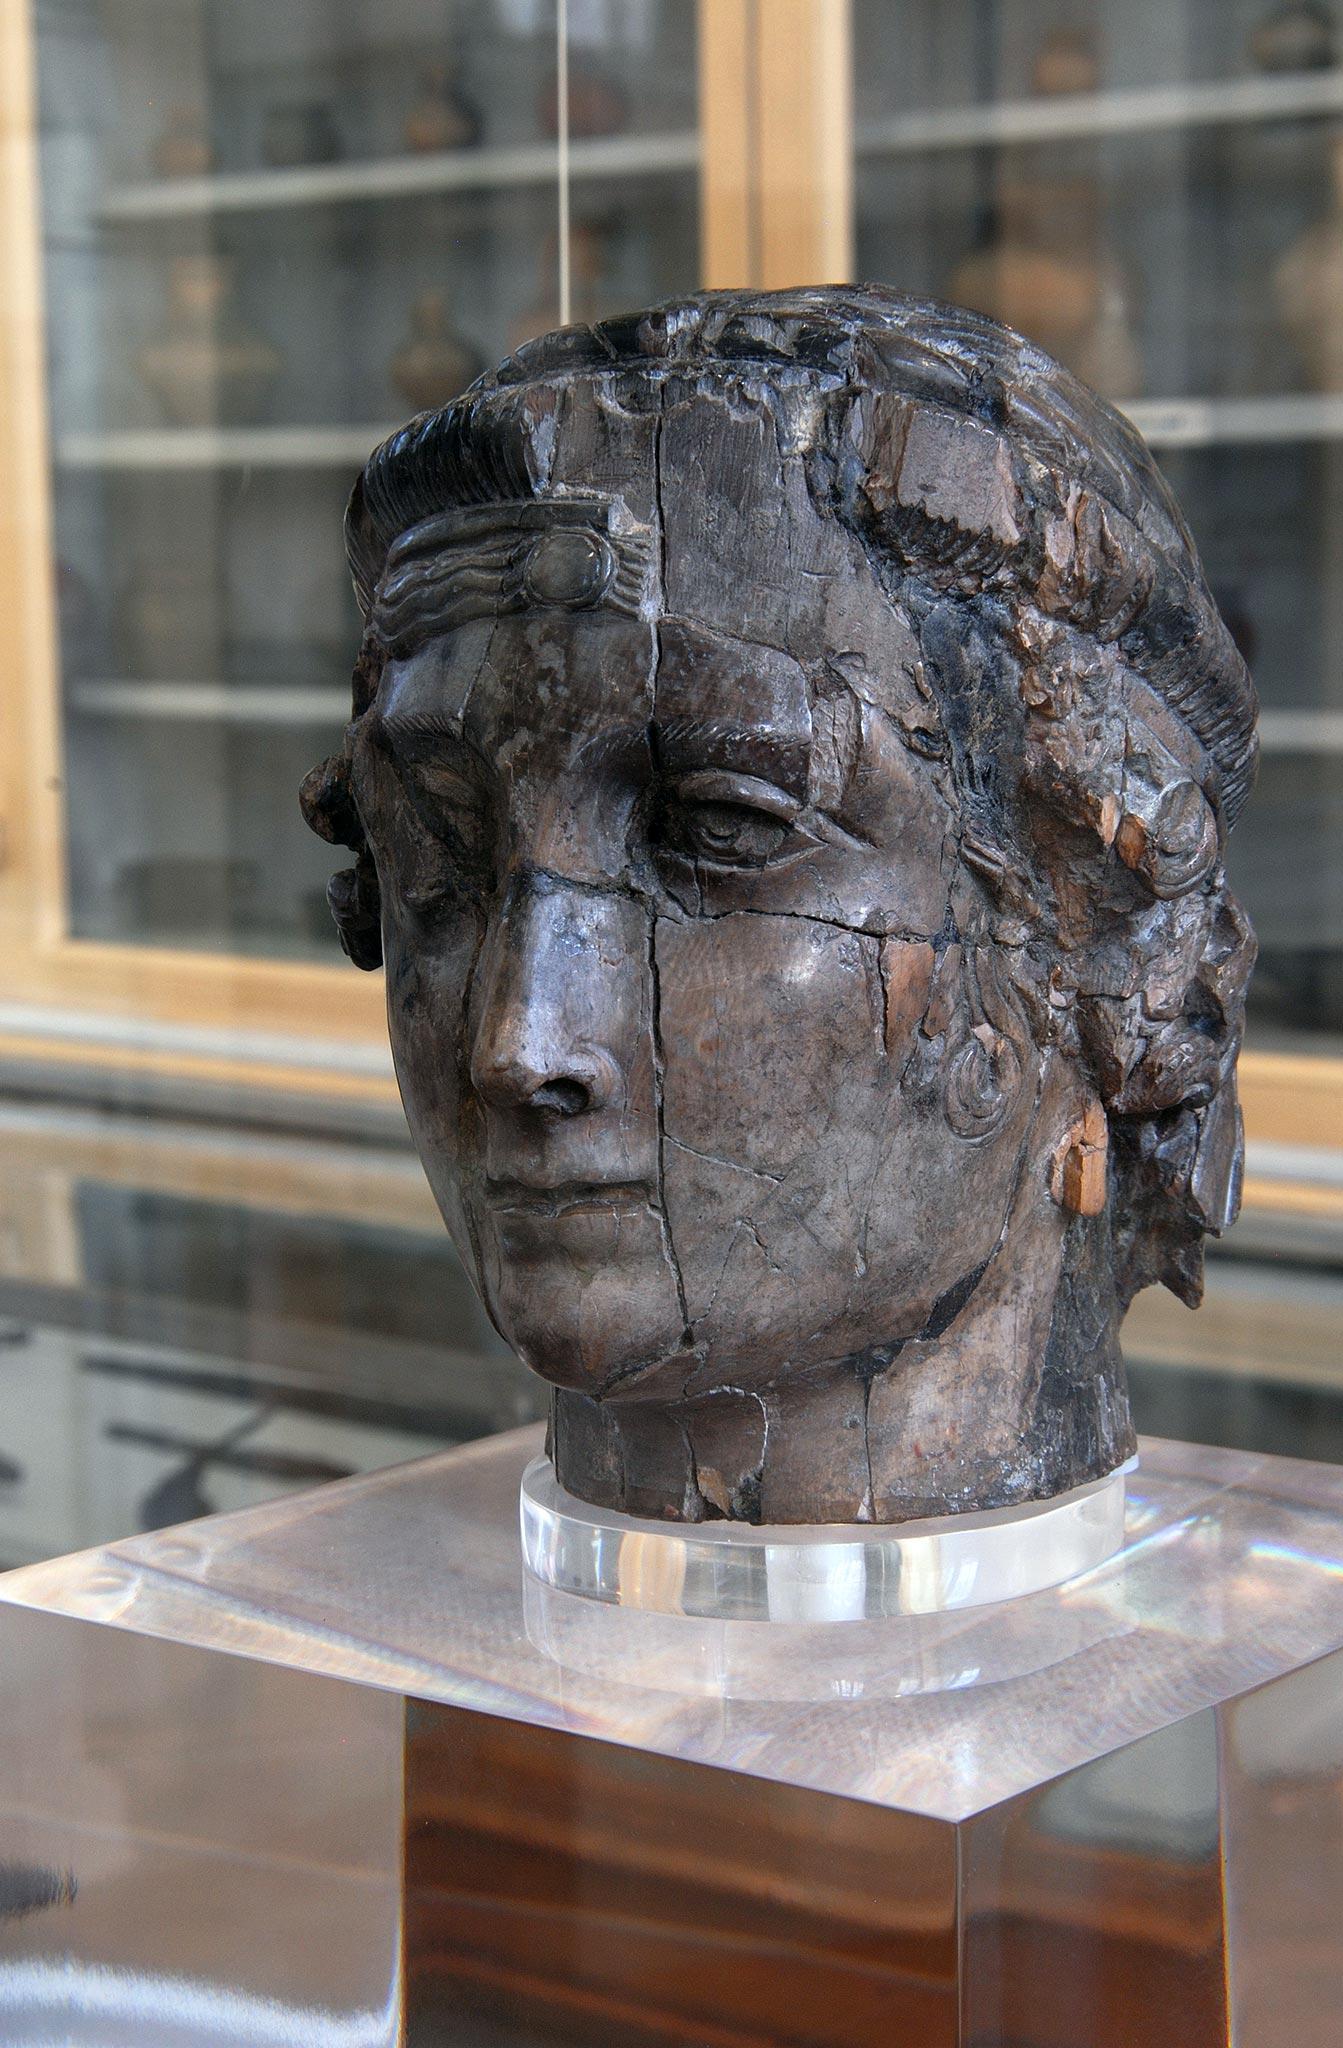 Coffret en forme de tête humaine - ivoire. IVème s. Découverte à Vienne en 1878 au cours des fouilles réalisées lors du percement de l'actuelle rue Victor Hugo, cette tête de femme ceinte de deux diadèmes est sculptée dans l'ivoire. Sa teinte brunâtre est due à son long séjour dans le sol. La tête est creuse, une ouverture rectangulaire, dans laquelle coulissait un couvercle à glissière, est aménagée à partir de la base de la nuque. Sans doute utilisée comme coffret à bijoux, cette pièce constitue l'un des rares ivoires romains découverts en Gaule L'expression du regard avec sa paupière couvrant une partie de l'iris rappelle les portraits de pierre des IIIe et IVe siècles de notre ère. Musée Miremont, Vienne.